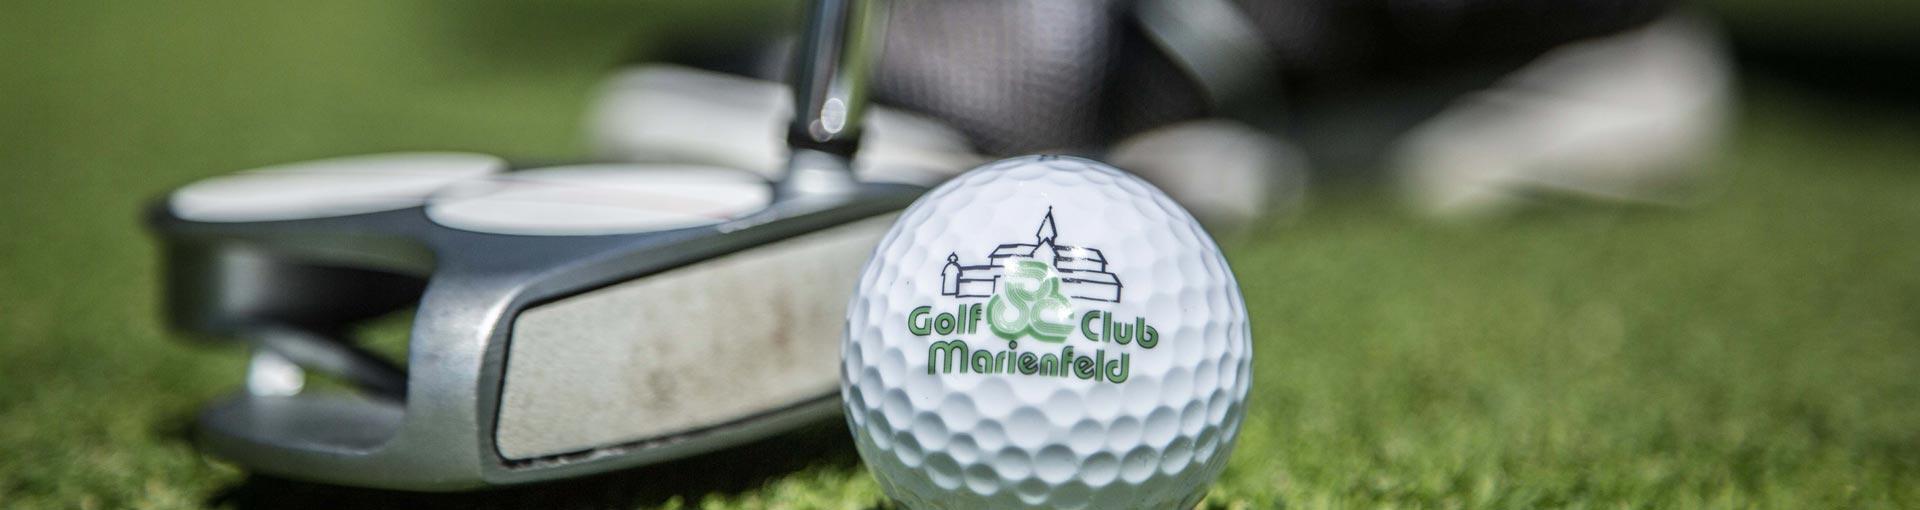 golfeinstieg_4